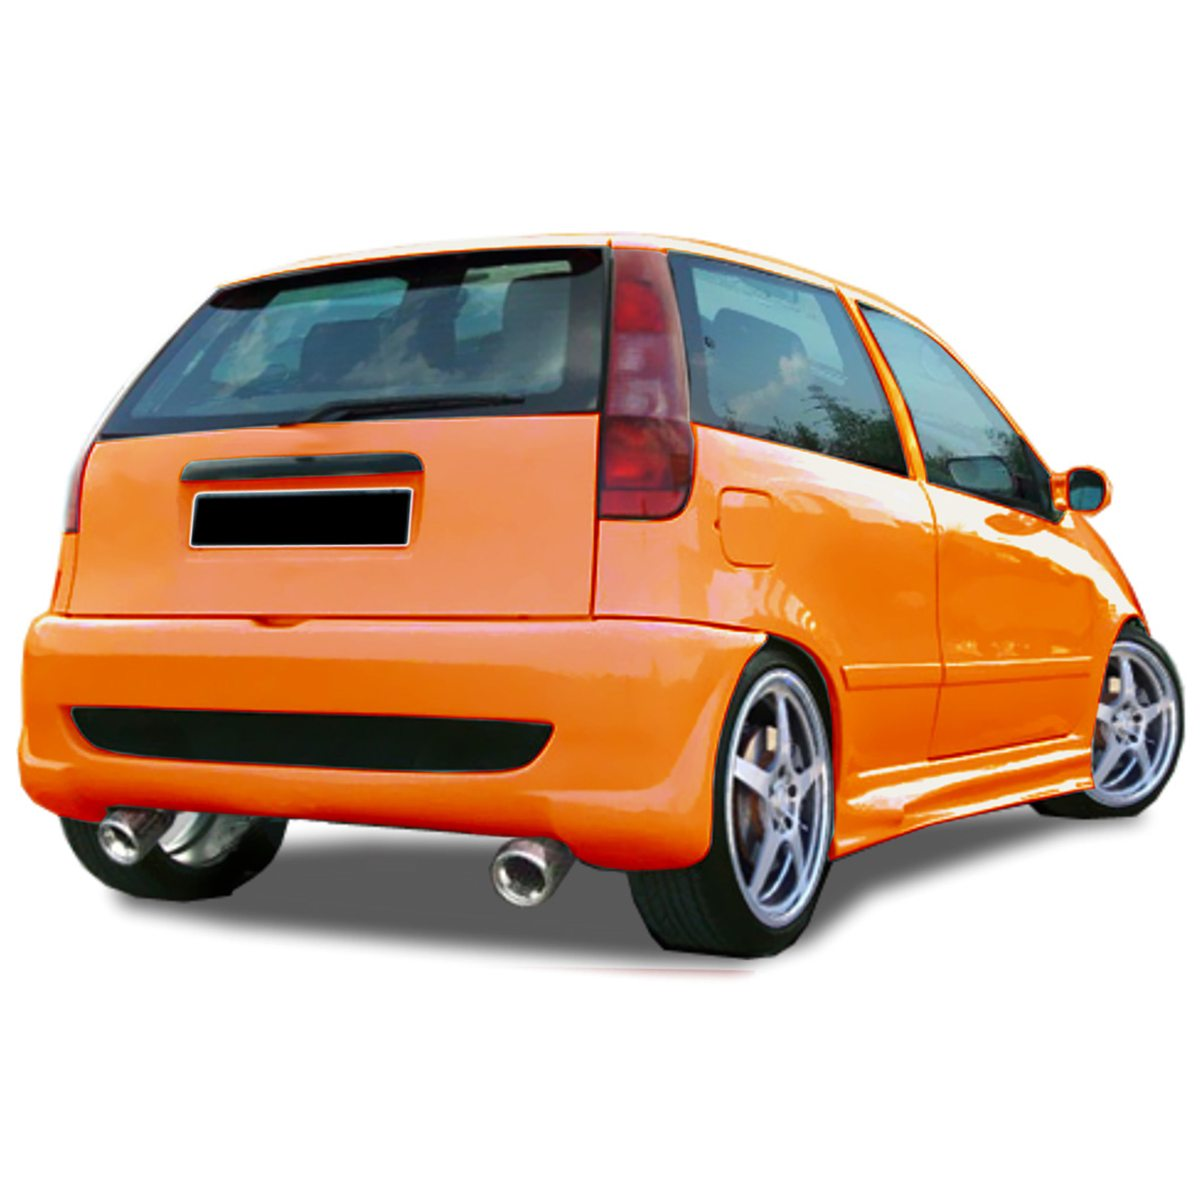 Fiat-Punto-Diablo-Tras-PCU0270